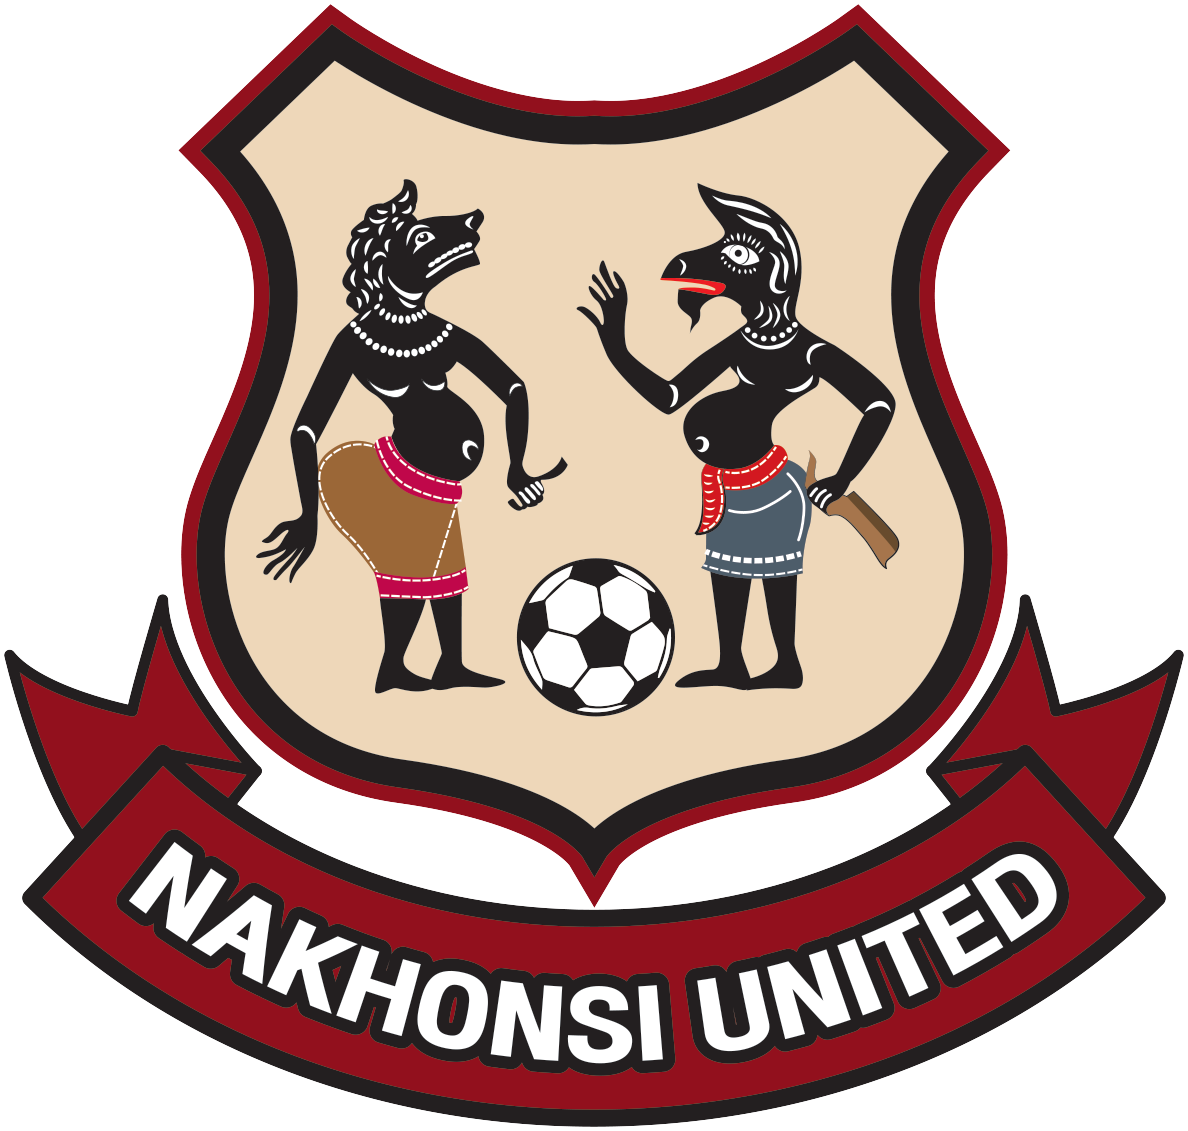 NAKHONSI UNITED